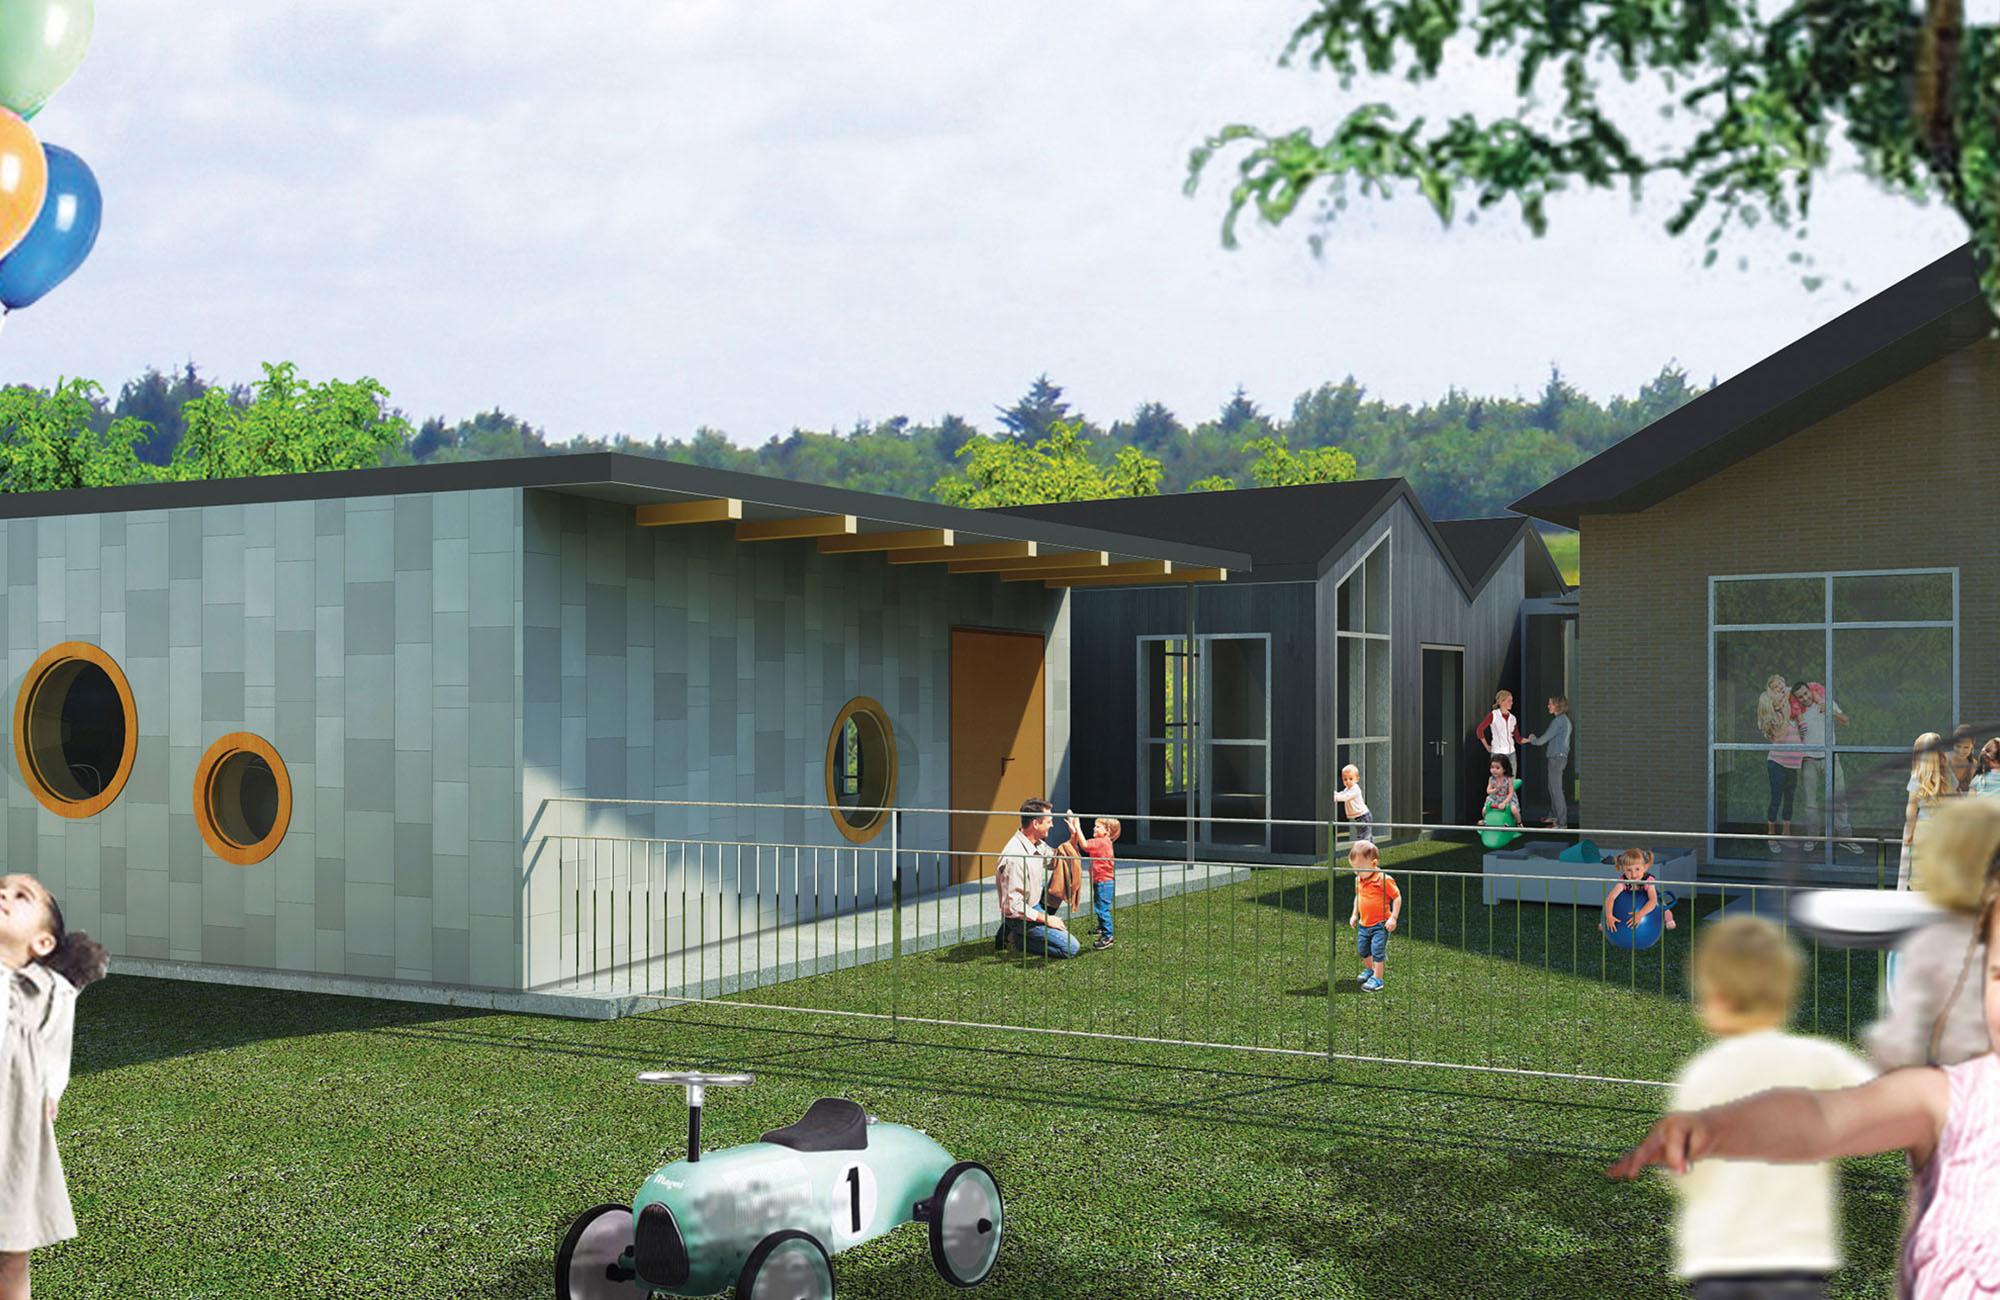 Ombygning og udvidelse af børnehuset Vestbakken, Tårs